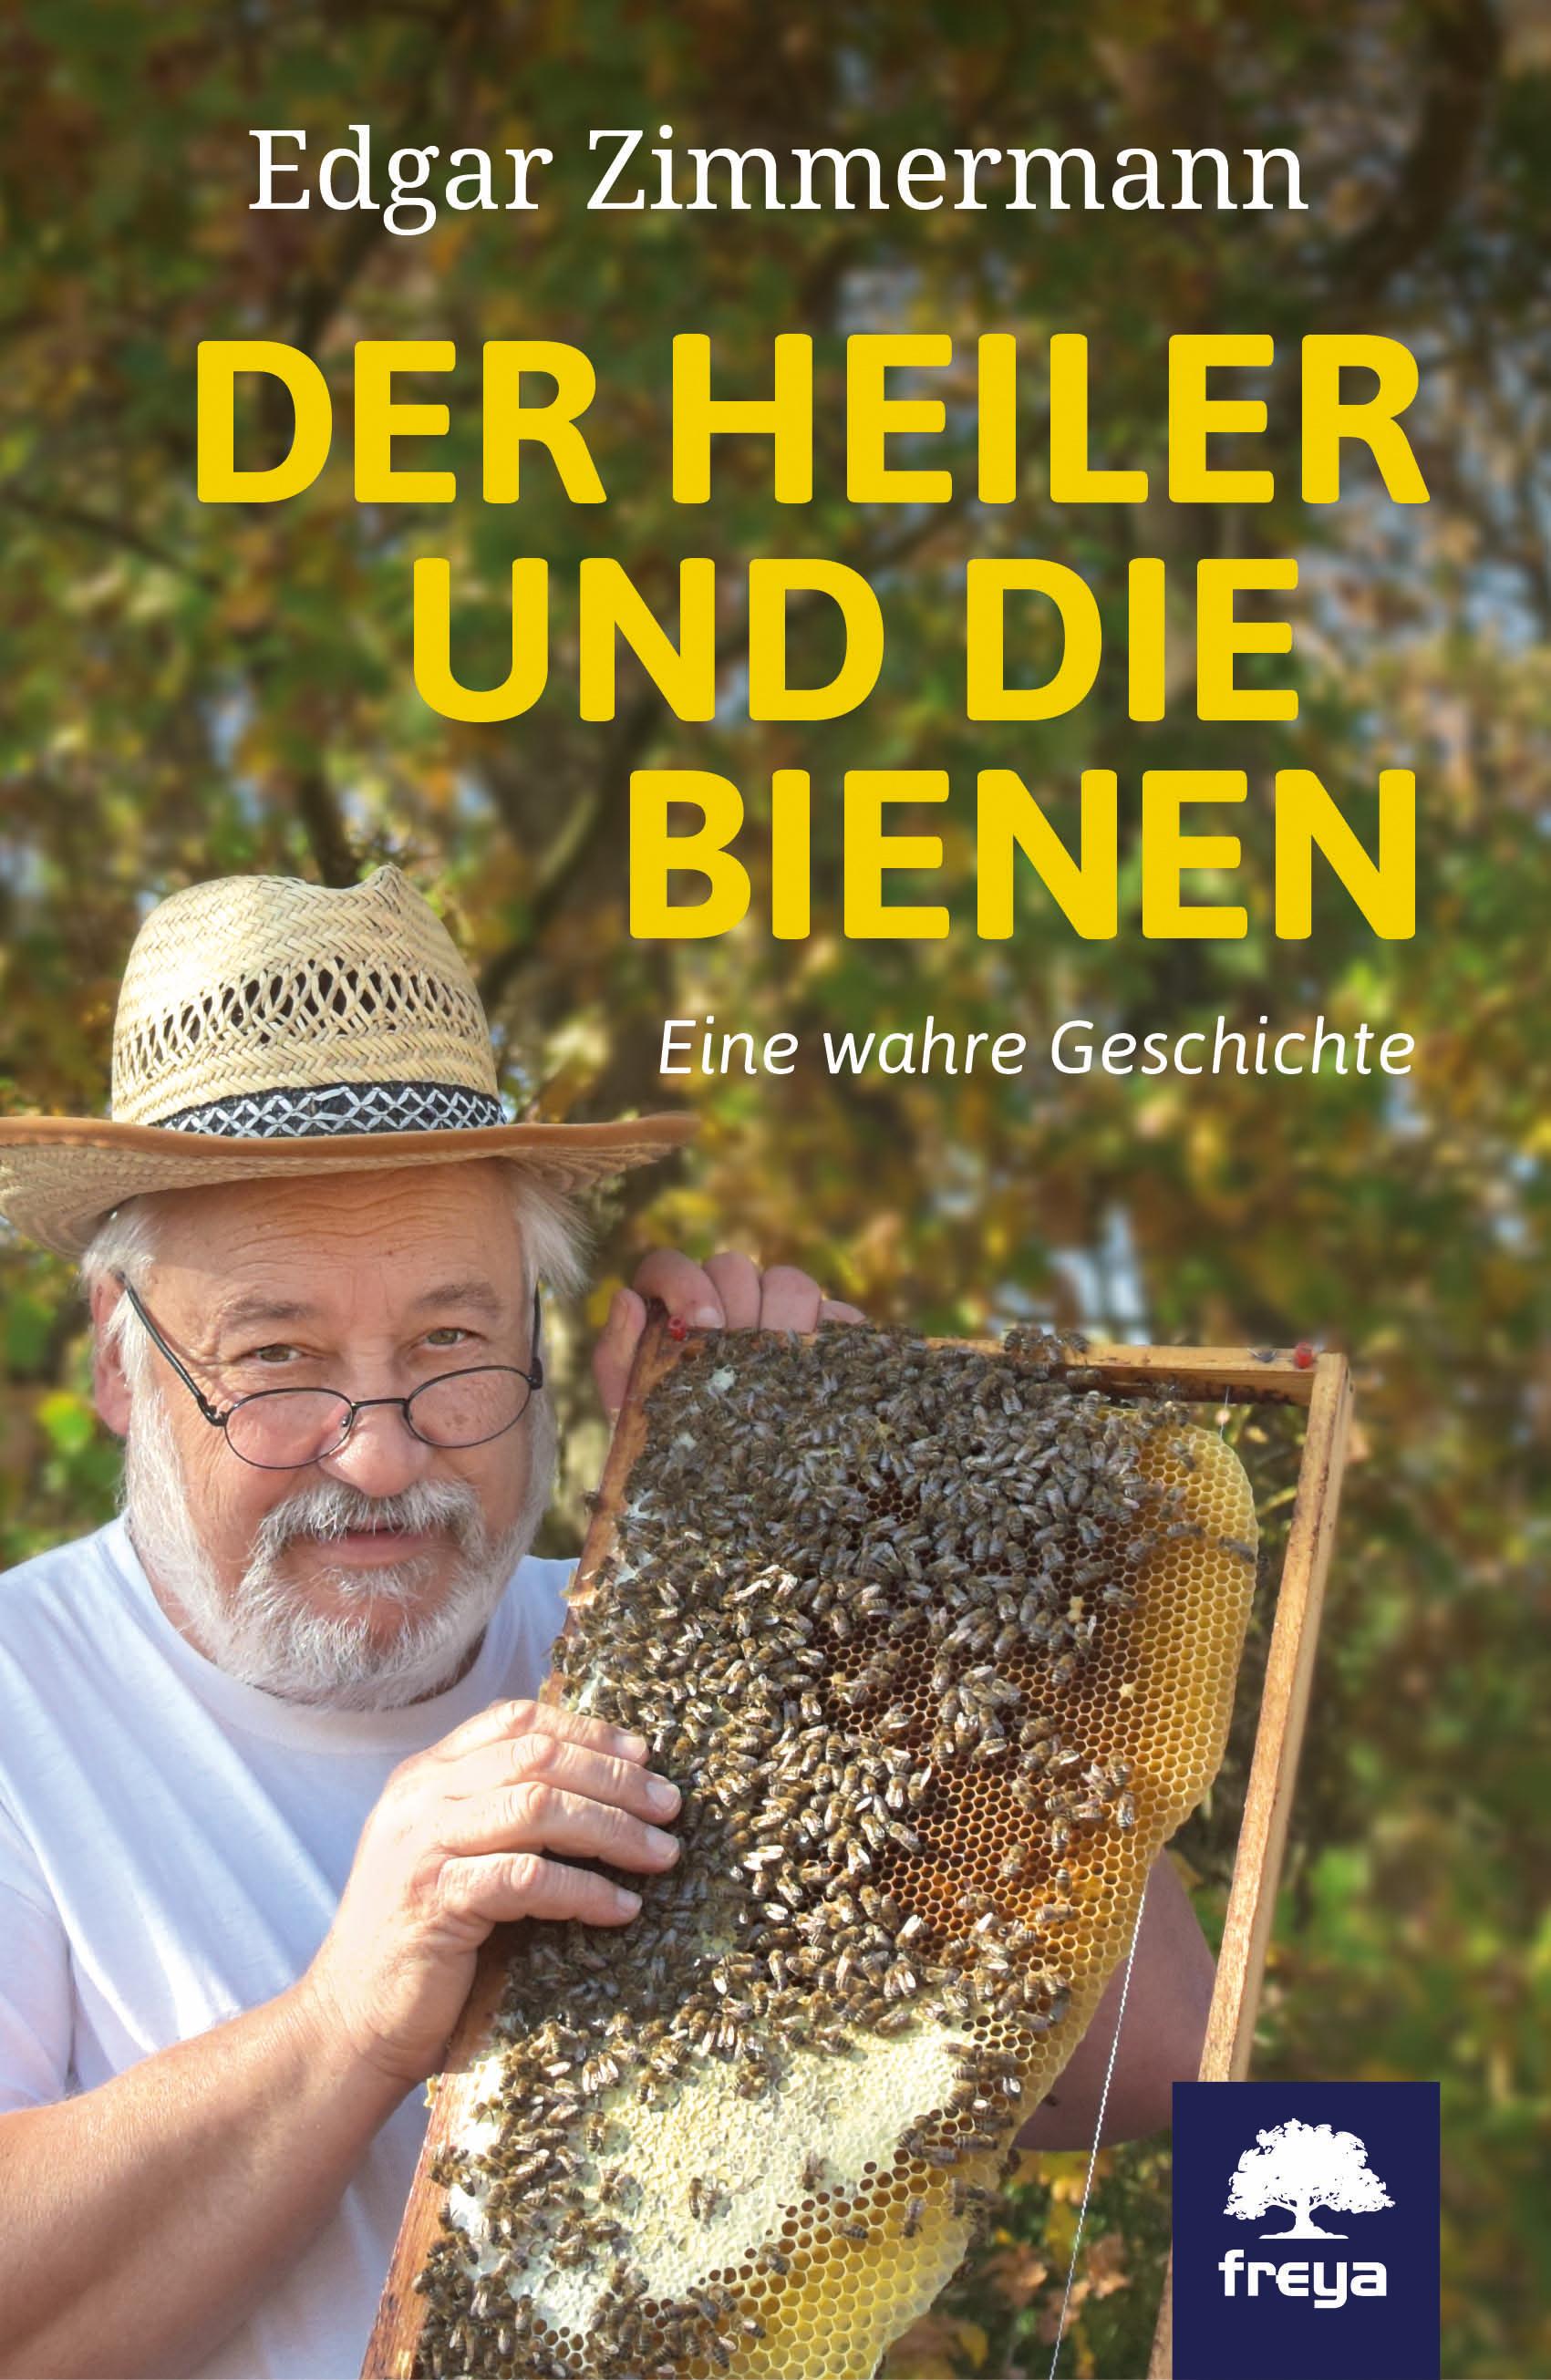 Der Heiler und die Bienen von Edgar Zimmermann und Andrea Michaelis